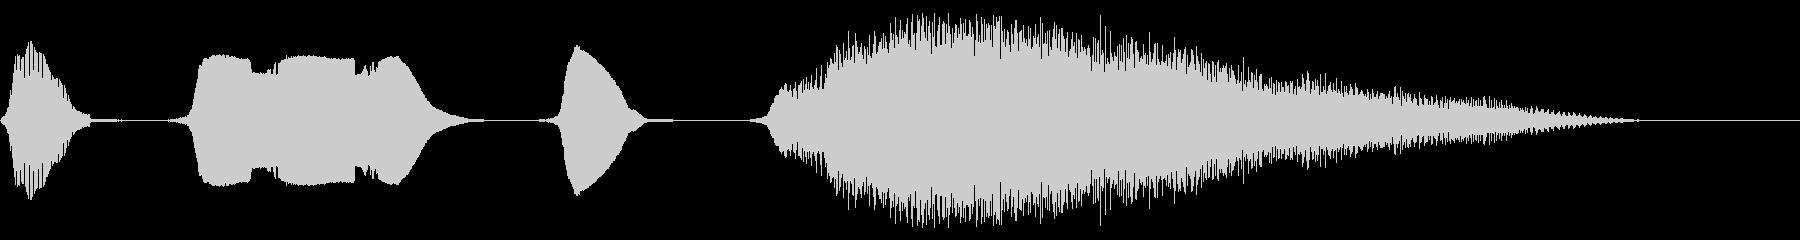 とぼけた雰囲気の鍵盤ハーモニカのジングルの未再生の波形